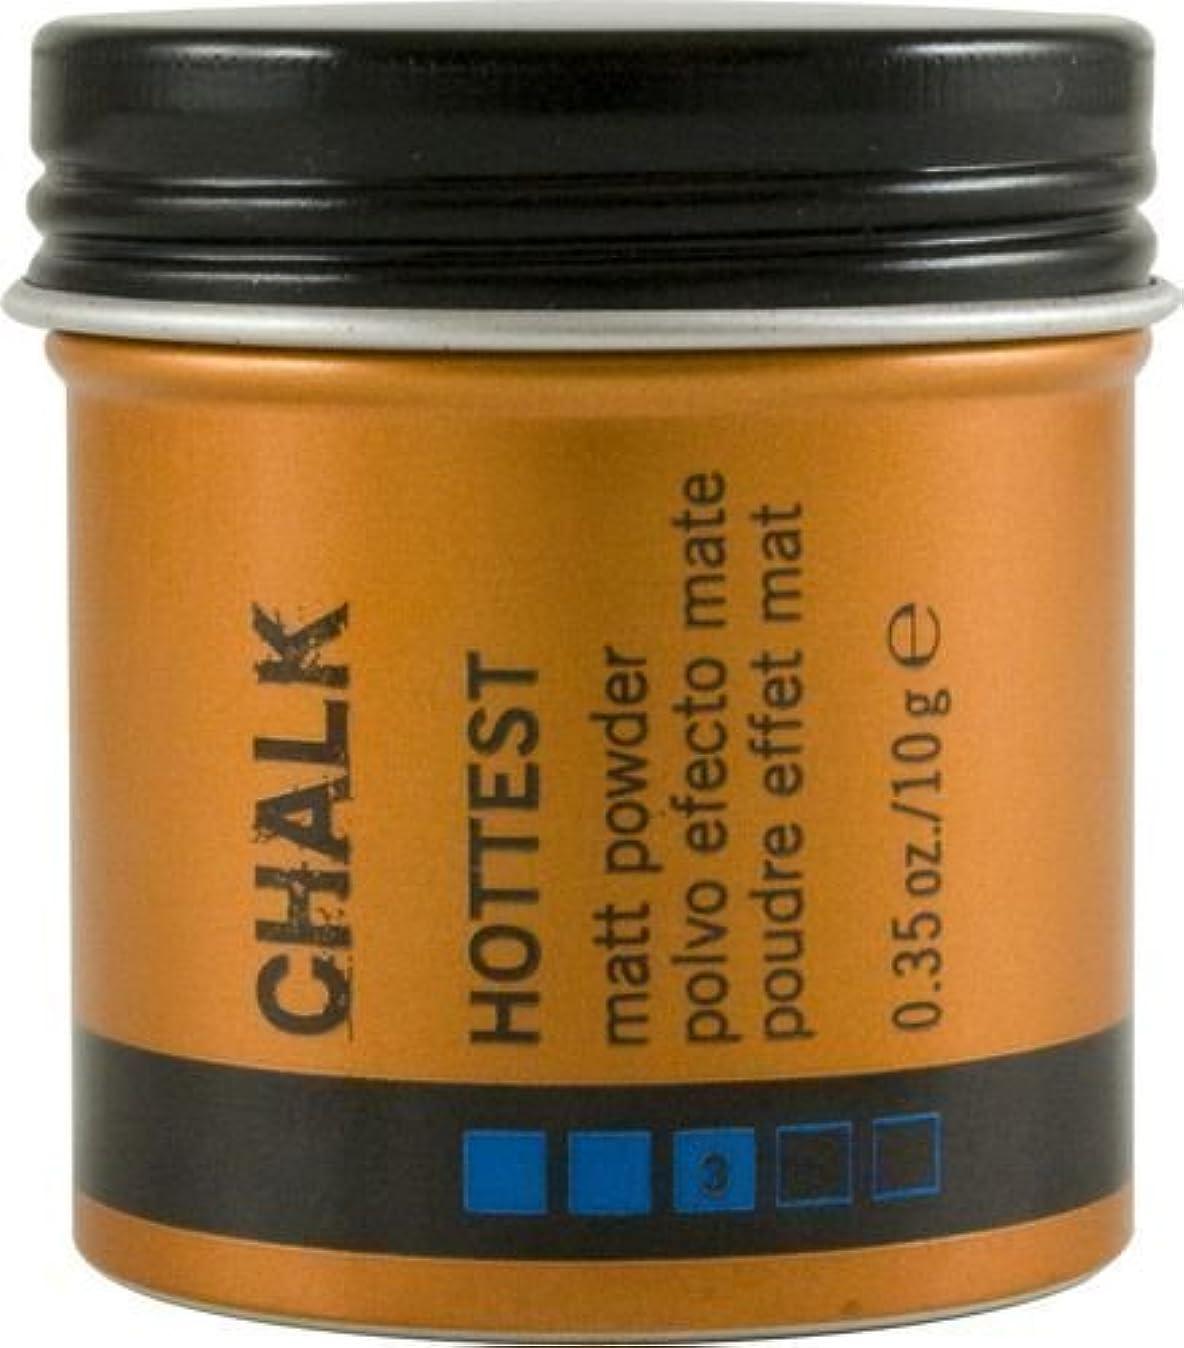 ボードハリウッド拮抗するLakme K.Style Chalk Hottest Matt powder 0.35 oz/ 10 g by Lakme